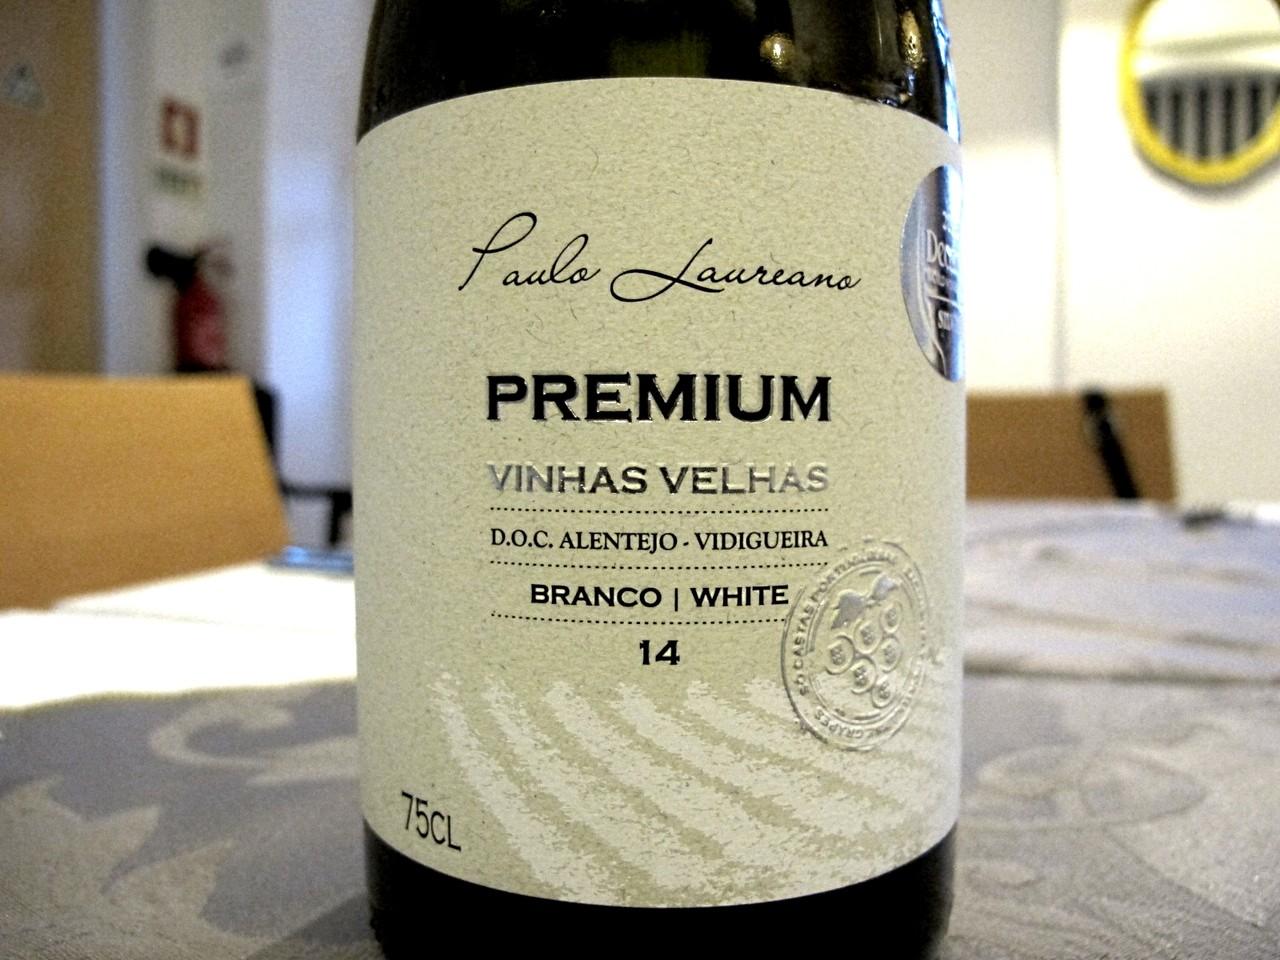 Premium Vinhas Velhas